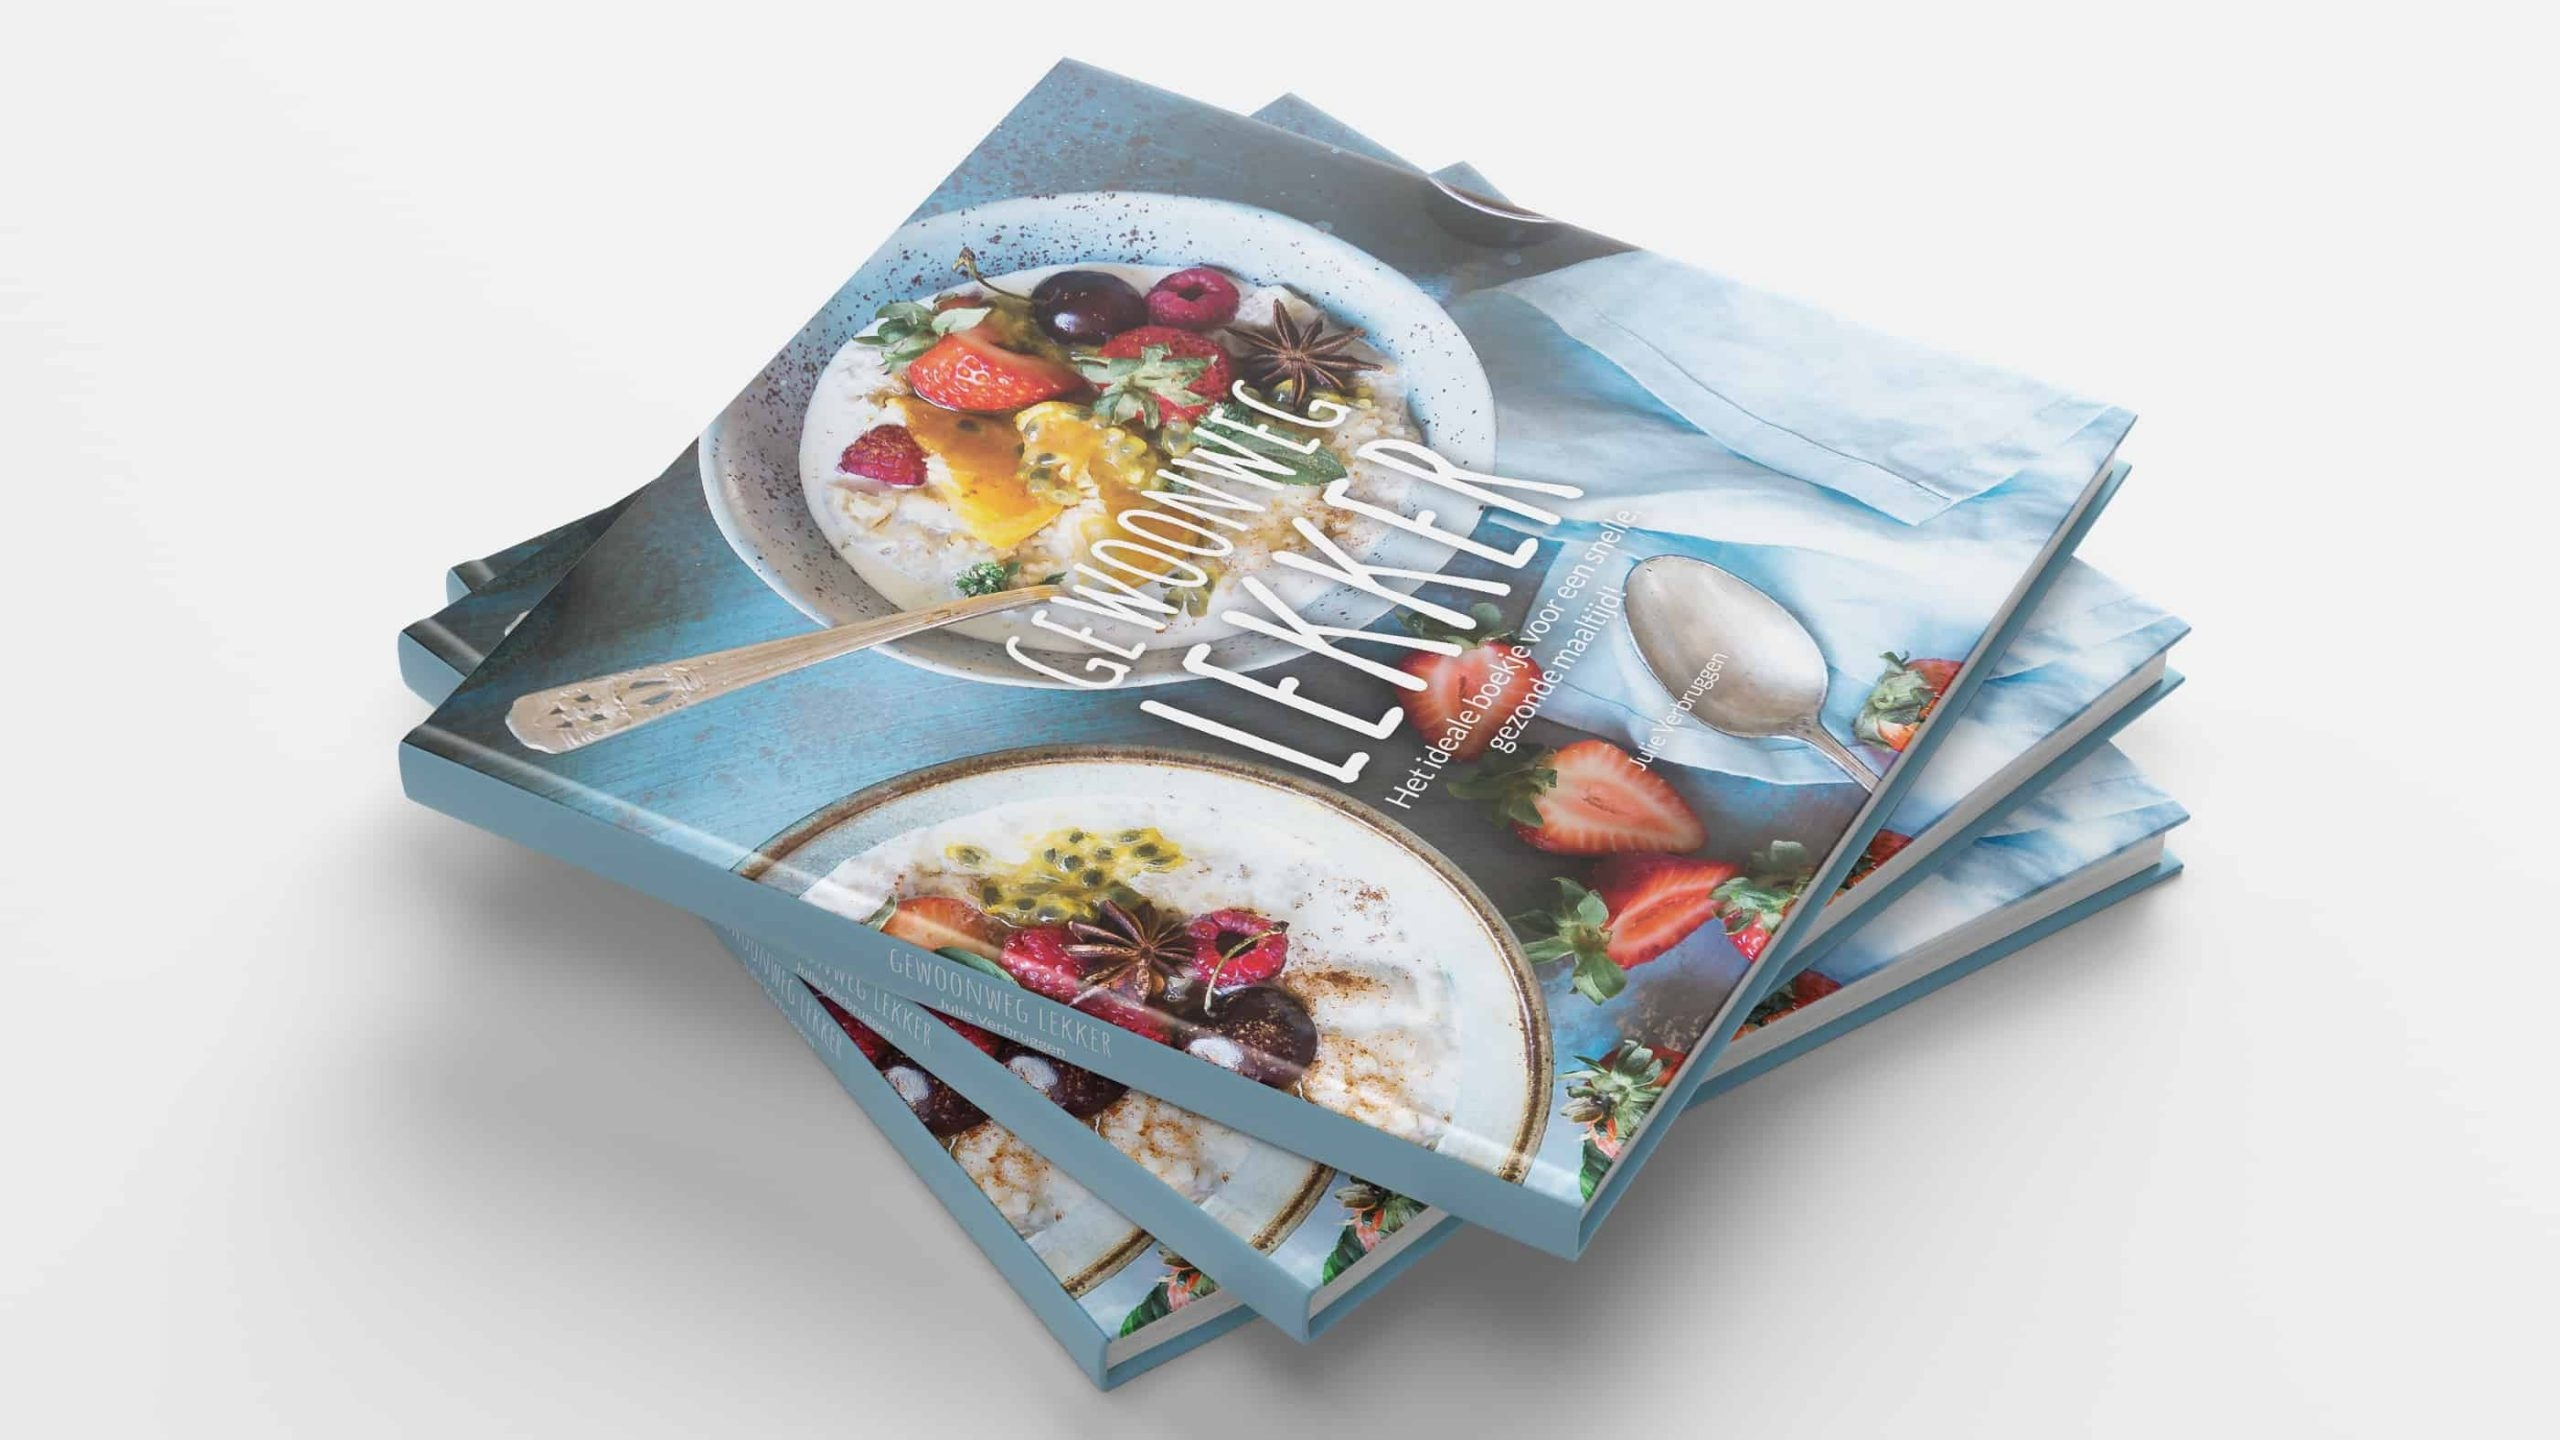 Larkom Gewoonweg Lekker kookboek render 00002 scaled